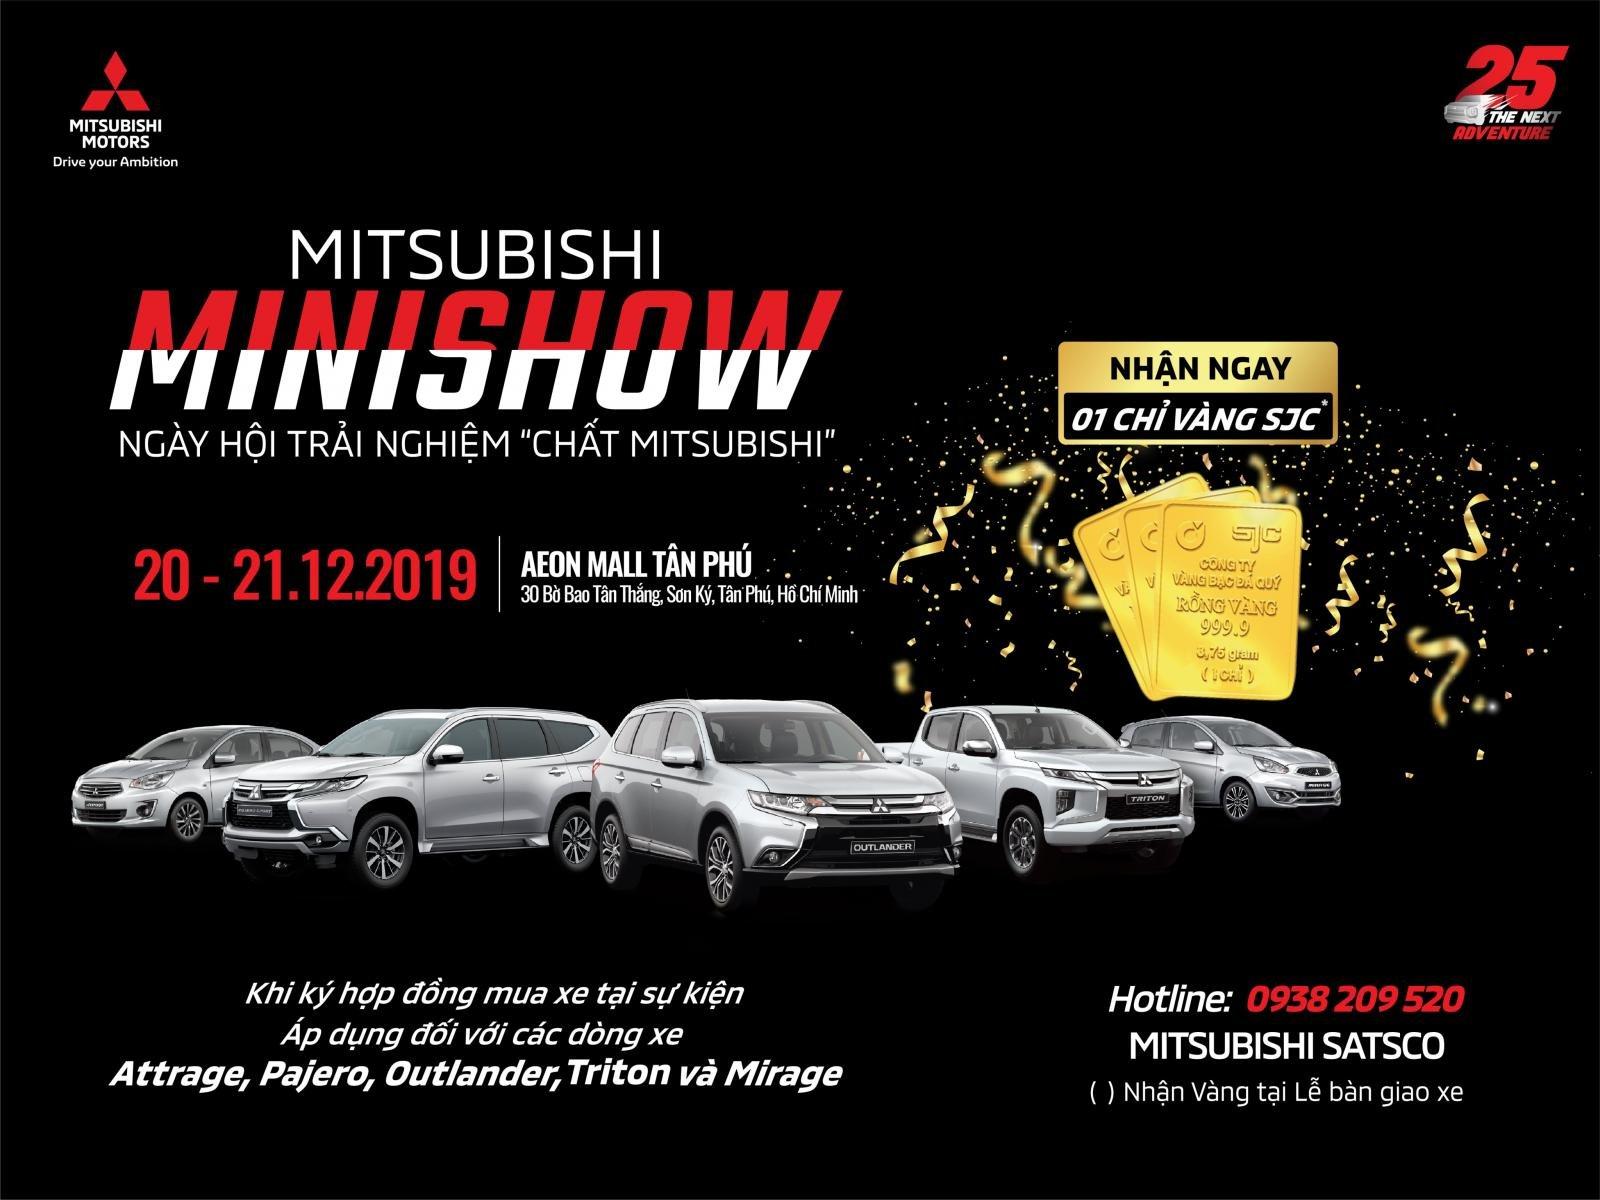 """Sự kiện """"Chất Mitsubishi"""" được Mitsubishi Motors Việt Nam cùng nhà phân phối  Satsco tổ chức trong 2 ngày 20 & 21/12/2019 tại AEON MALL Tân Phú 1."""